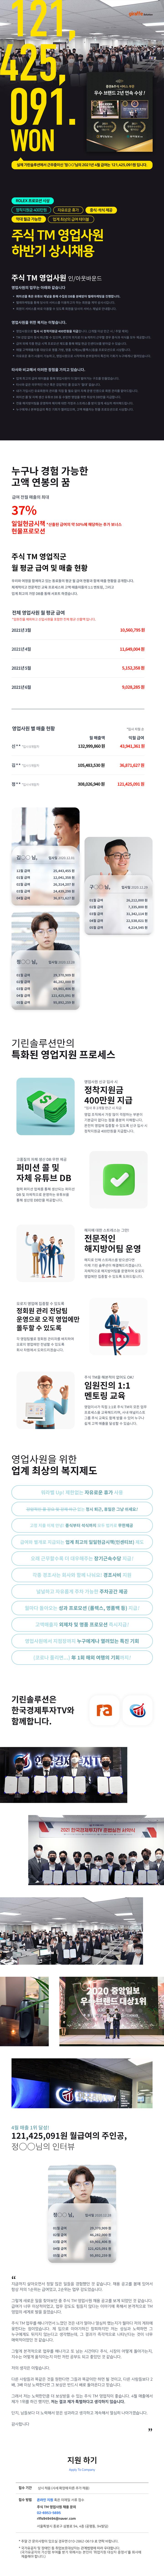 영업사원 3기 채용 모집공고_210812_ver5.png